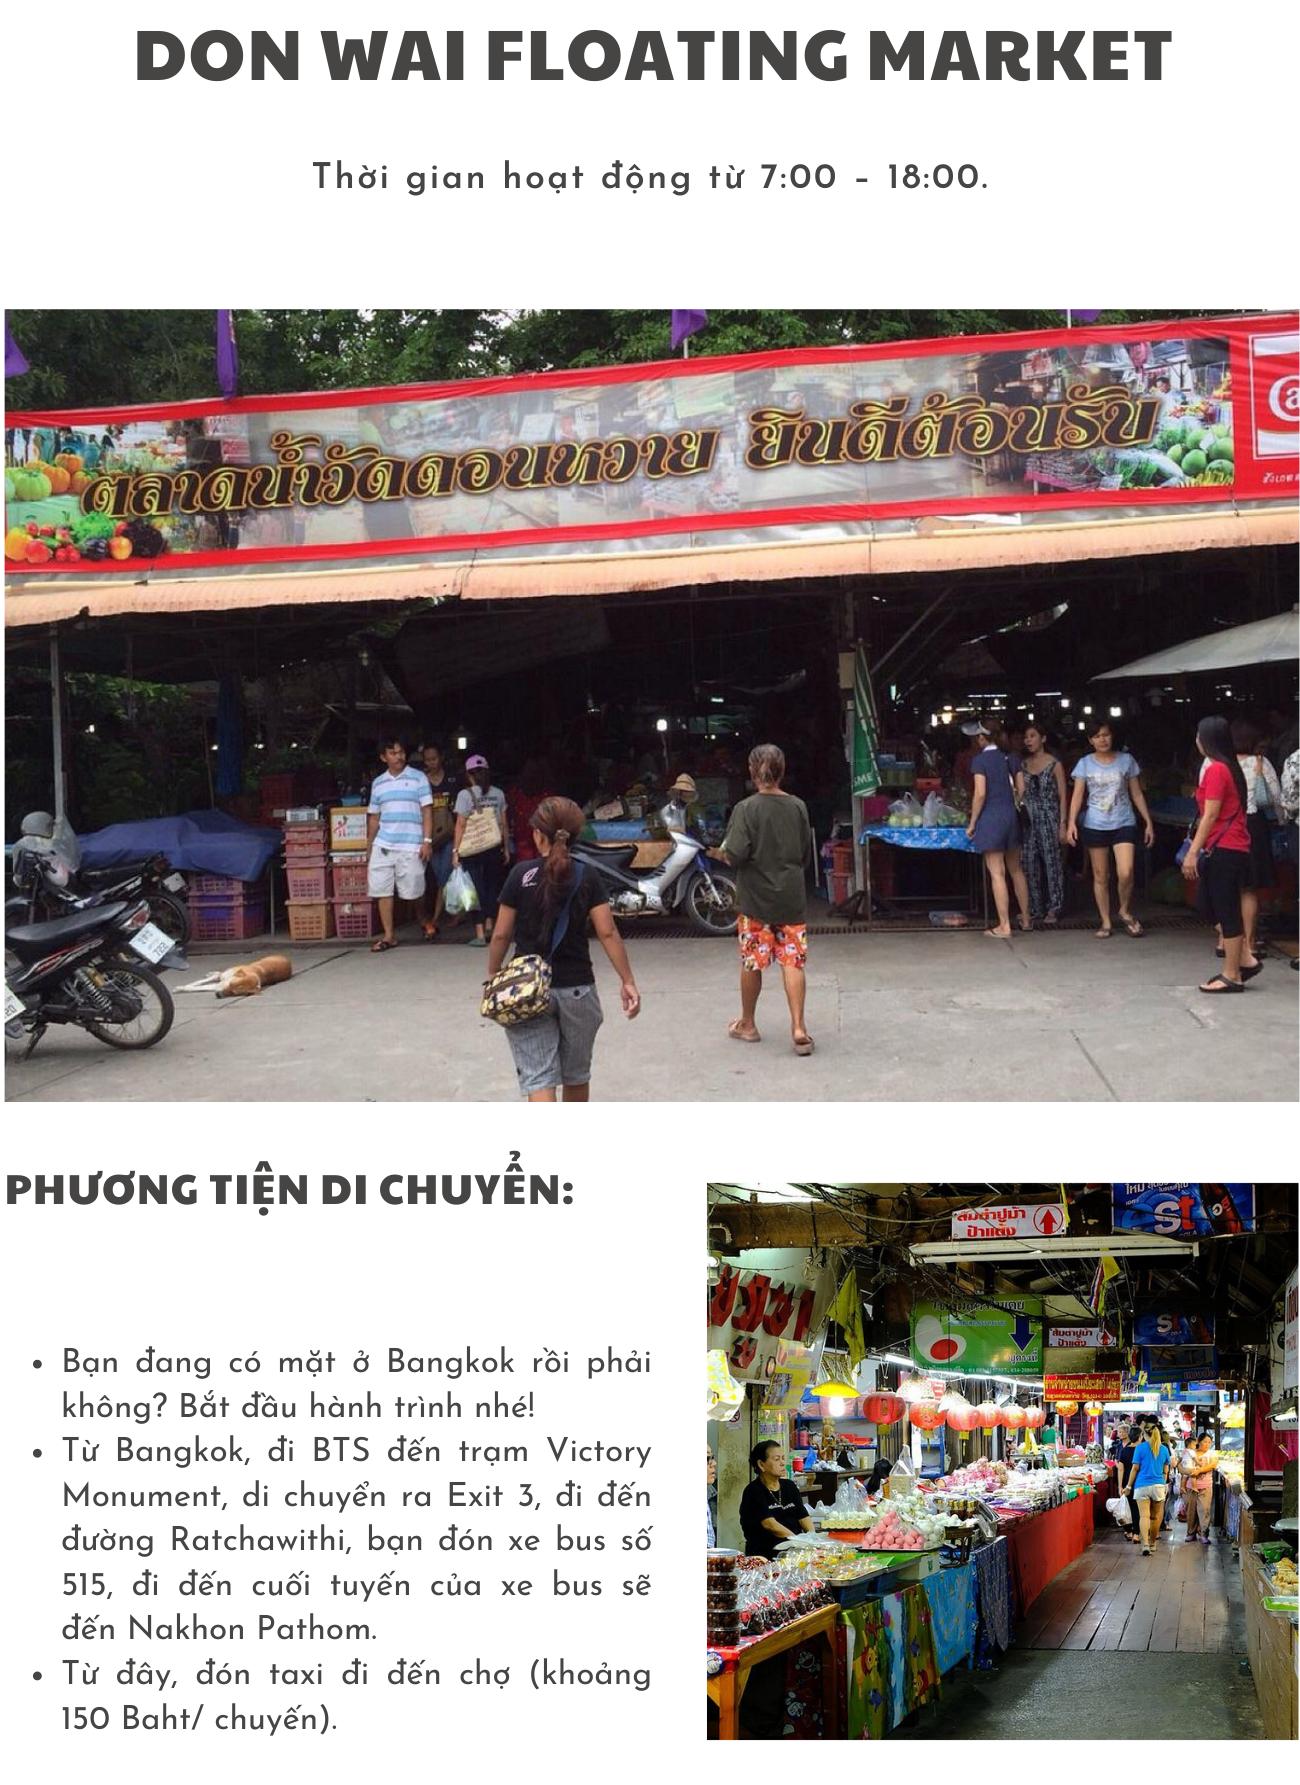 Chợ nổi Don Wai